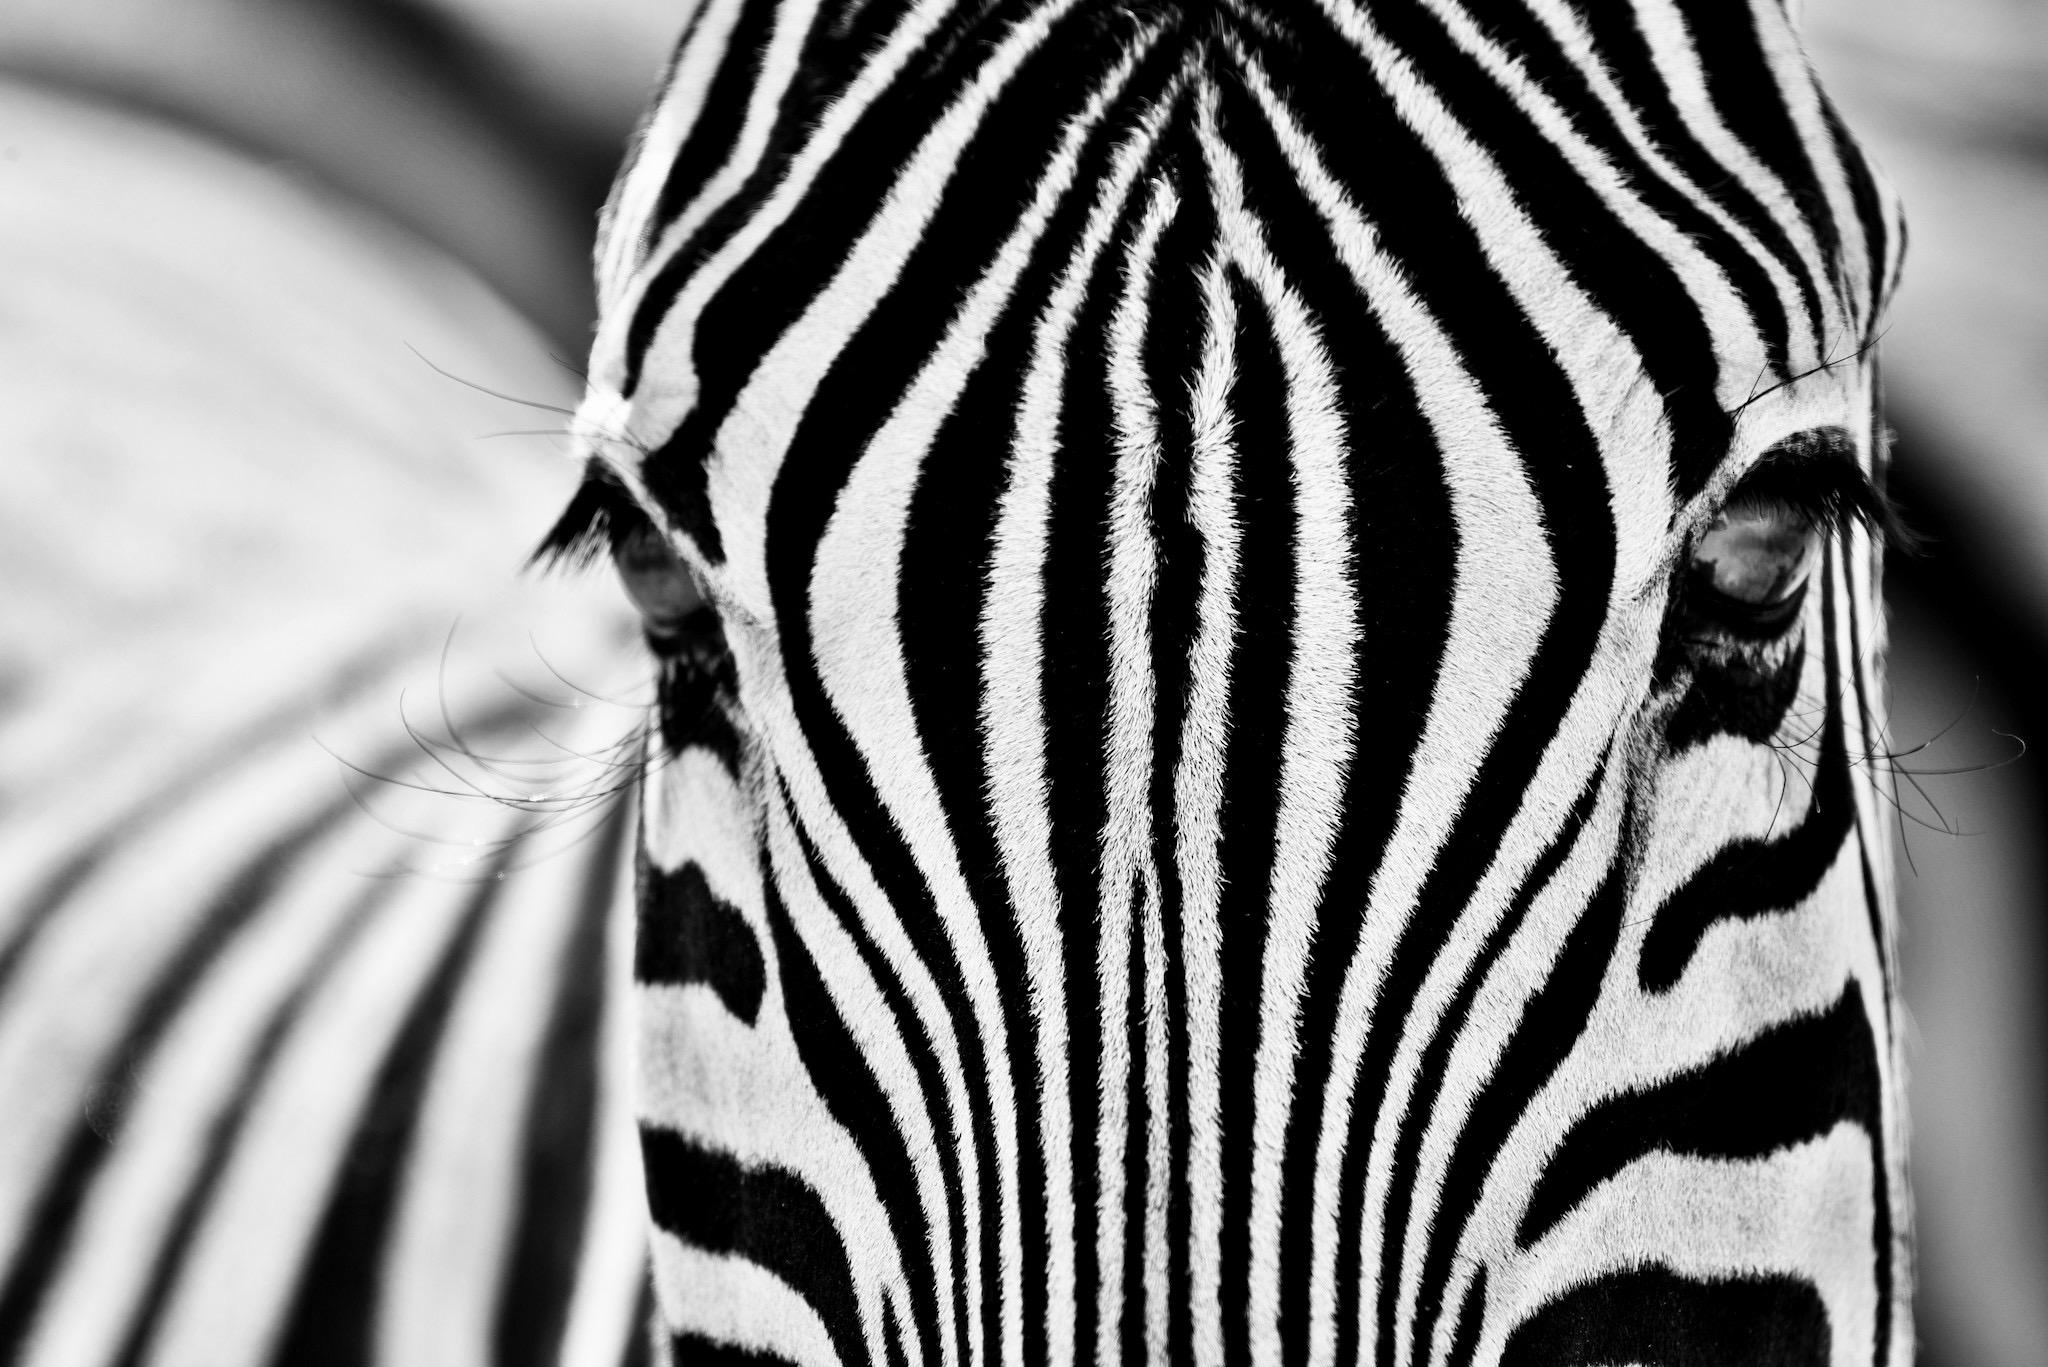 Zebra - geheimnisvolle Muster